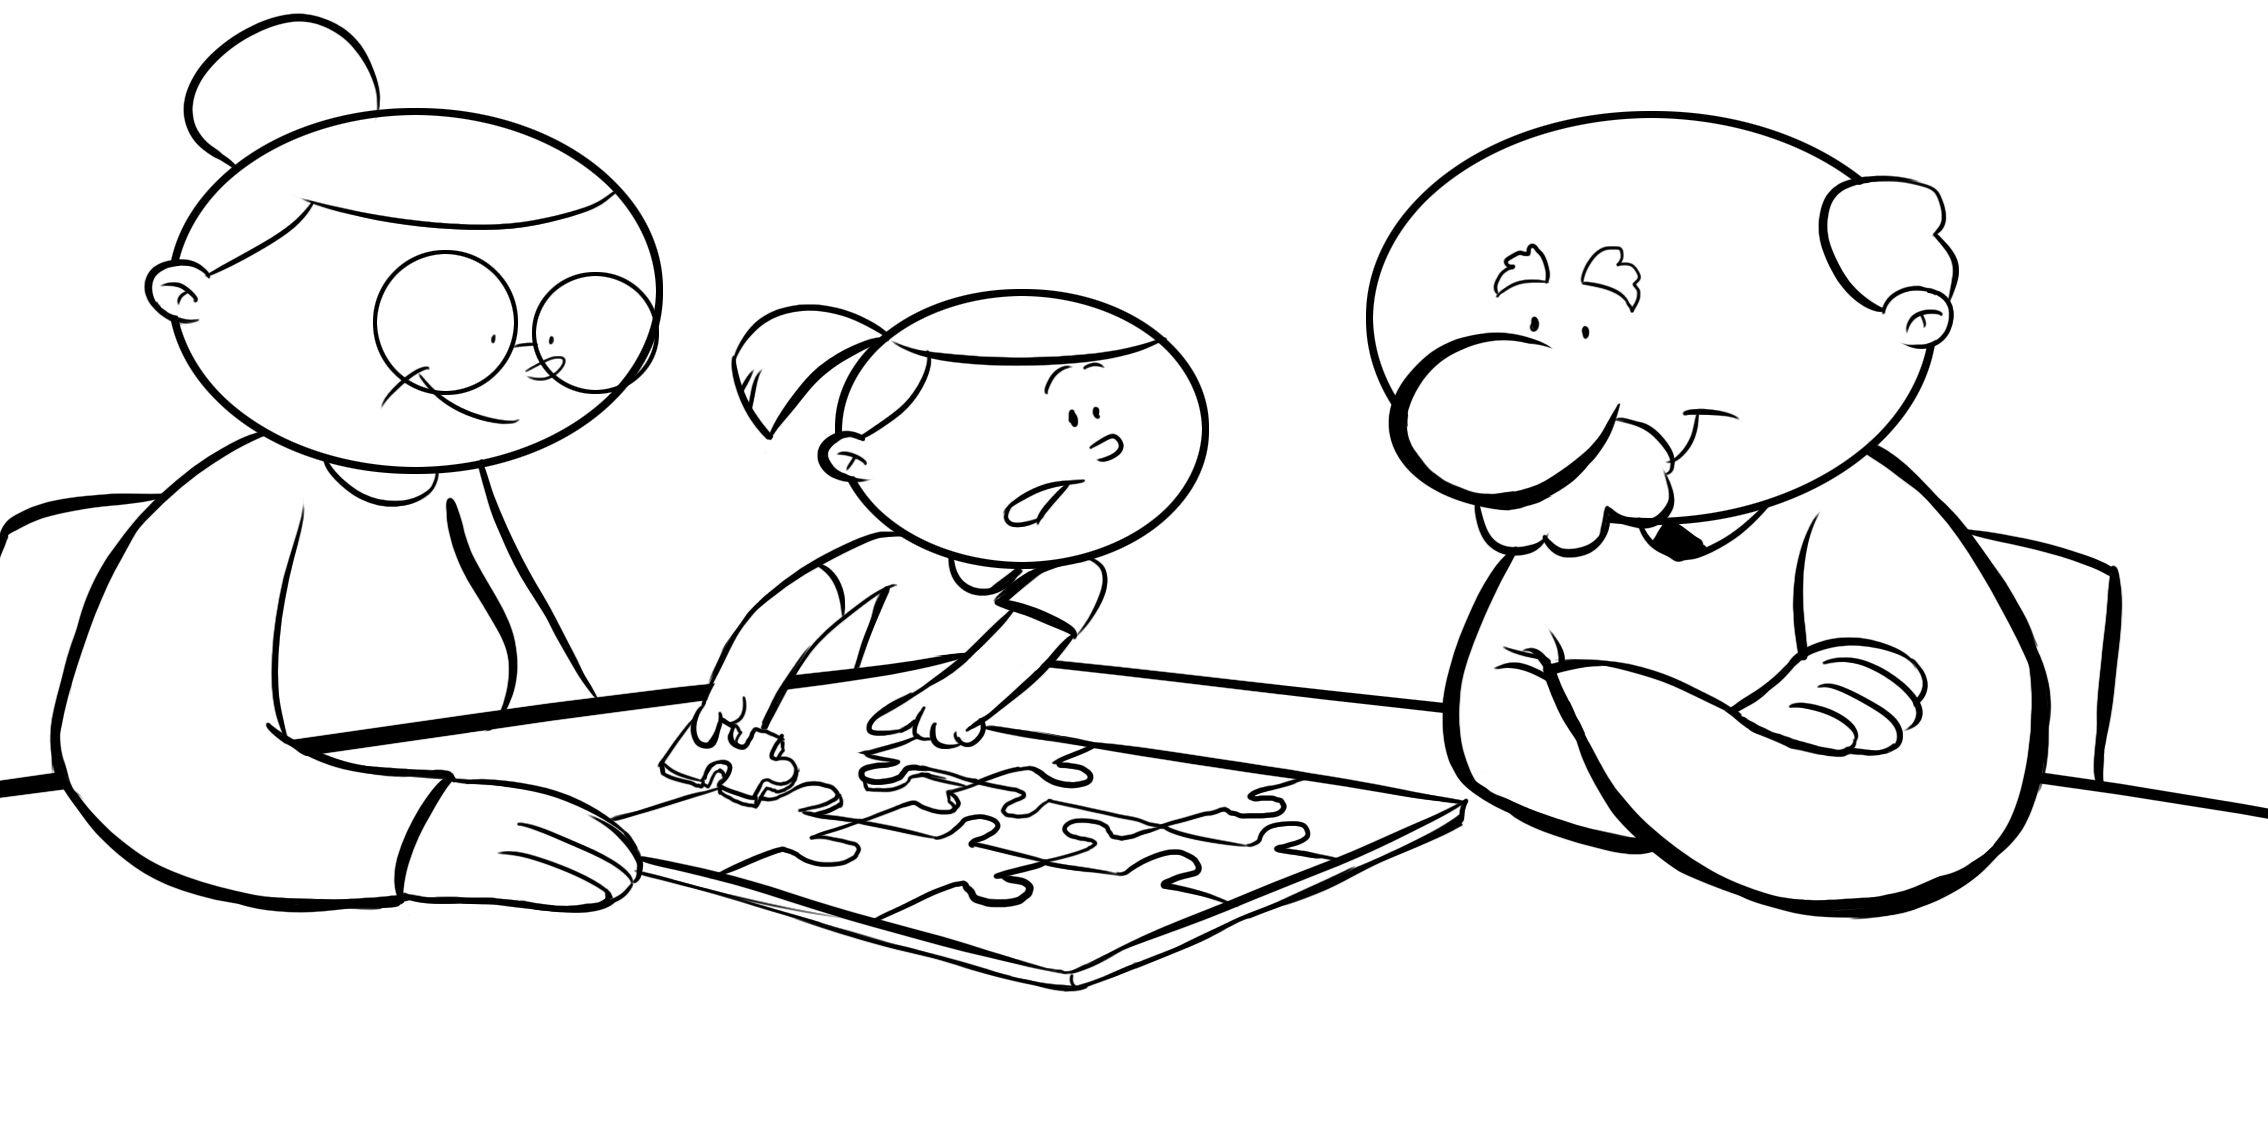 Dibujos con niños: Colorear abuelos haciendo un puzzle con su nieta ...